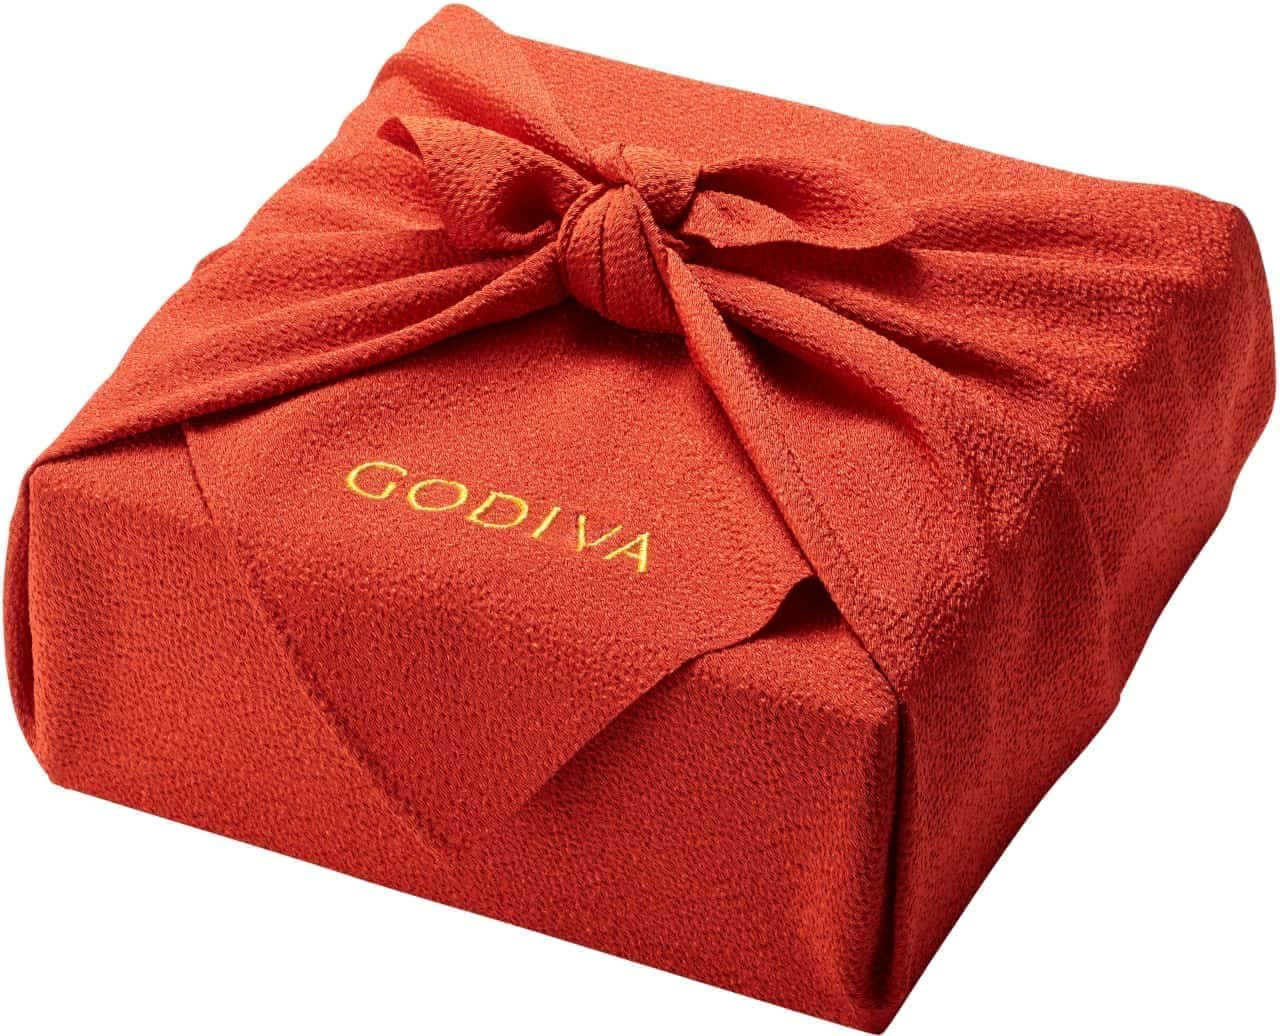 ゴディバ W ロイヤルコレクション 2020